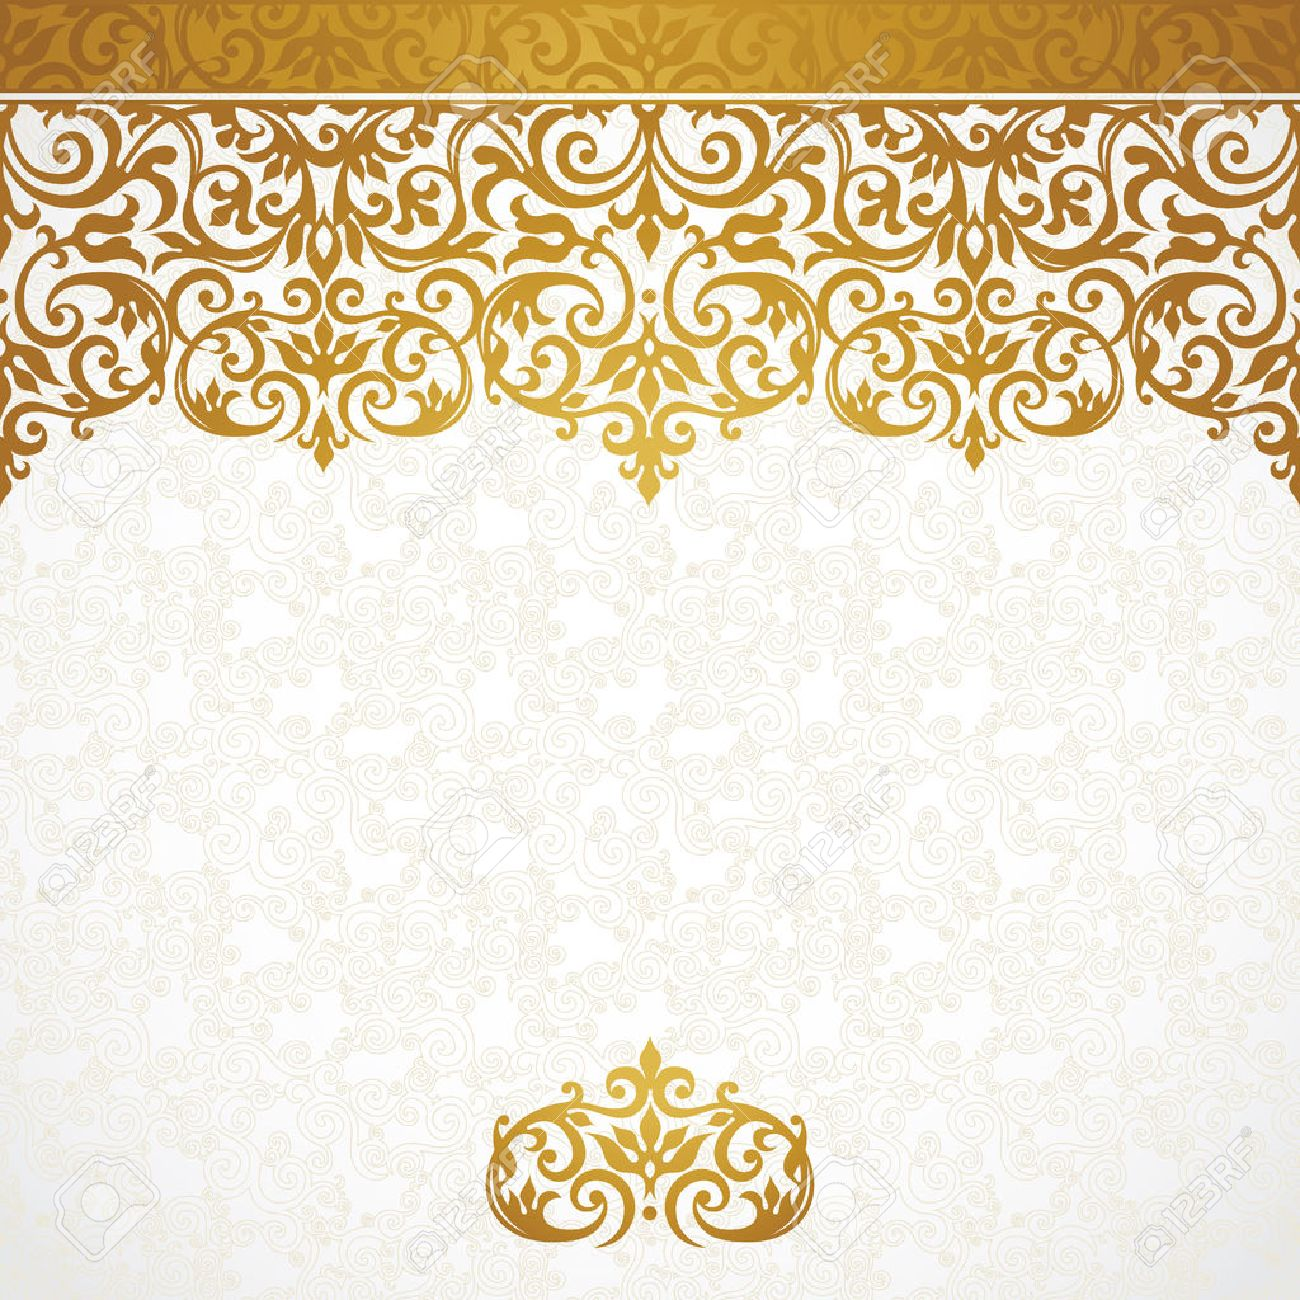 Frontera Adornada Inconsútil Del Vector En Estilo Victoriano Magnífico Elemento Para El Diseño Lugar Para El Texto Patrón Ornamental Vintage Para